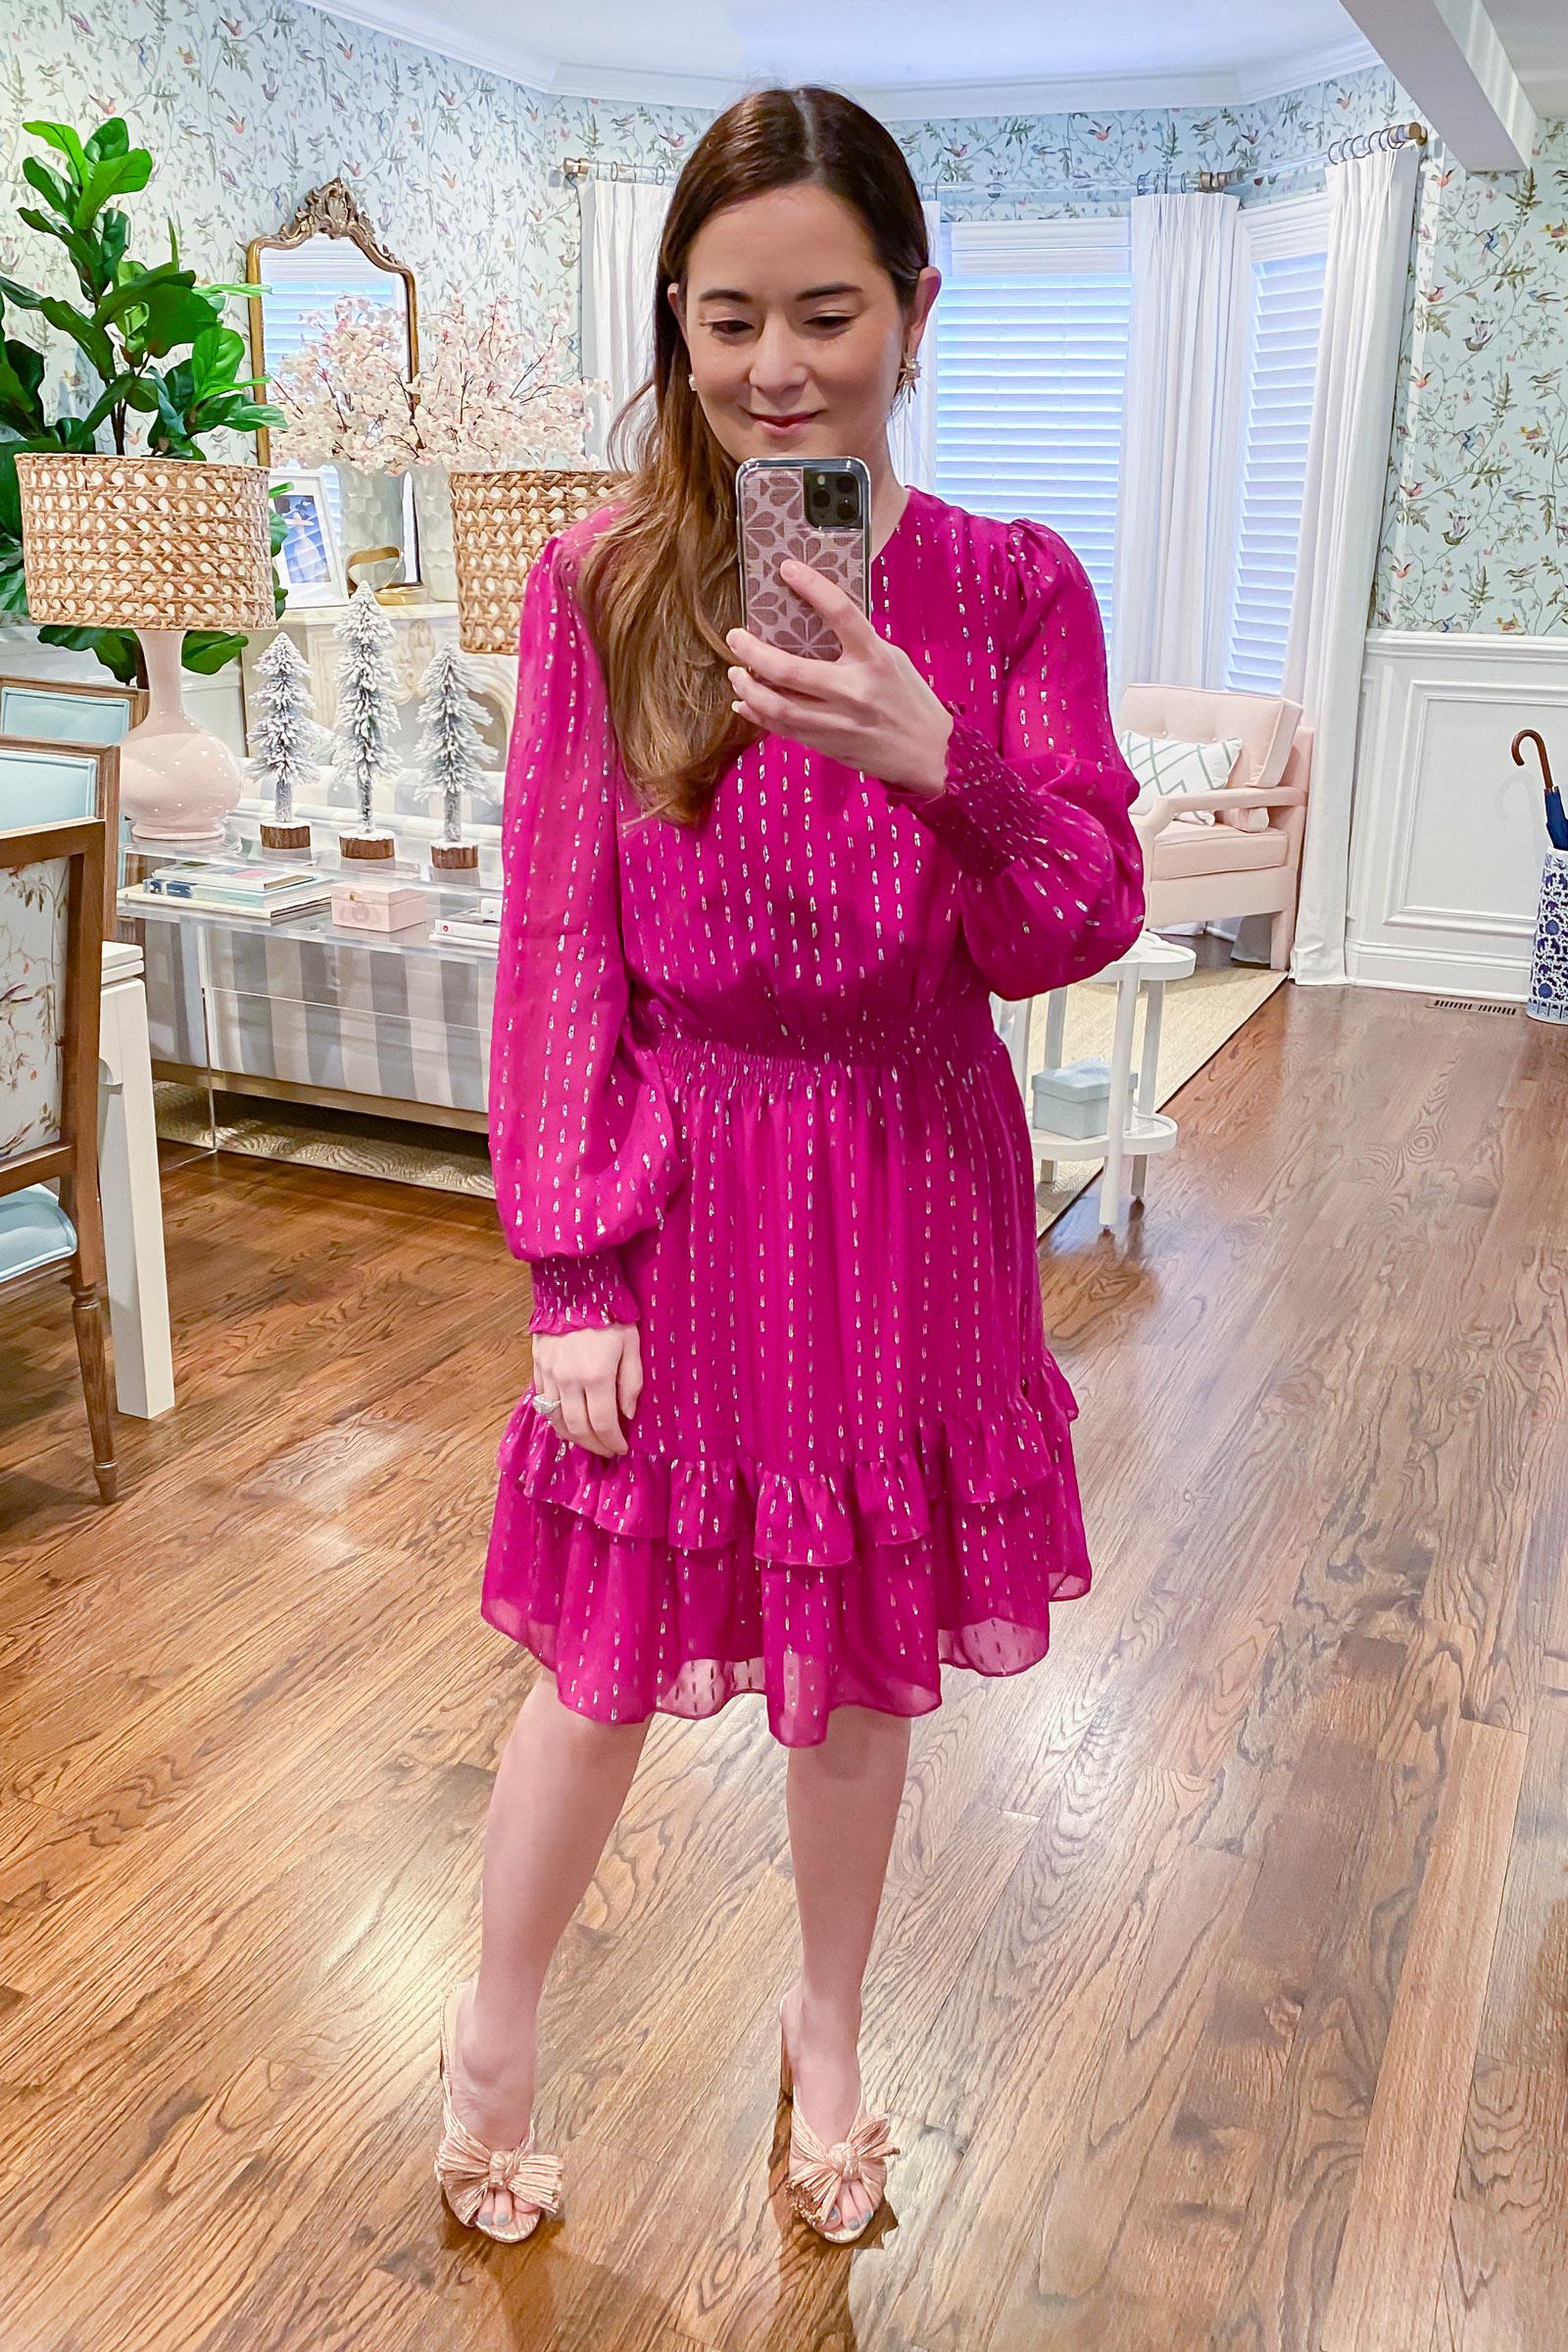 Jennifer Lake Lilly Pulitzer Dotti Dress